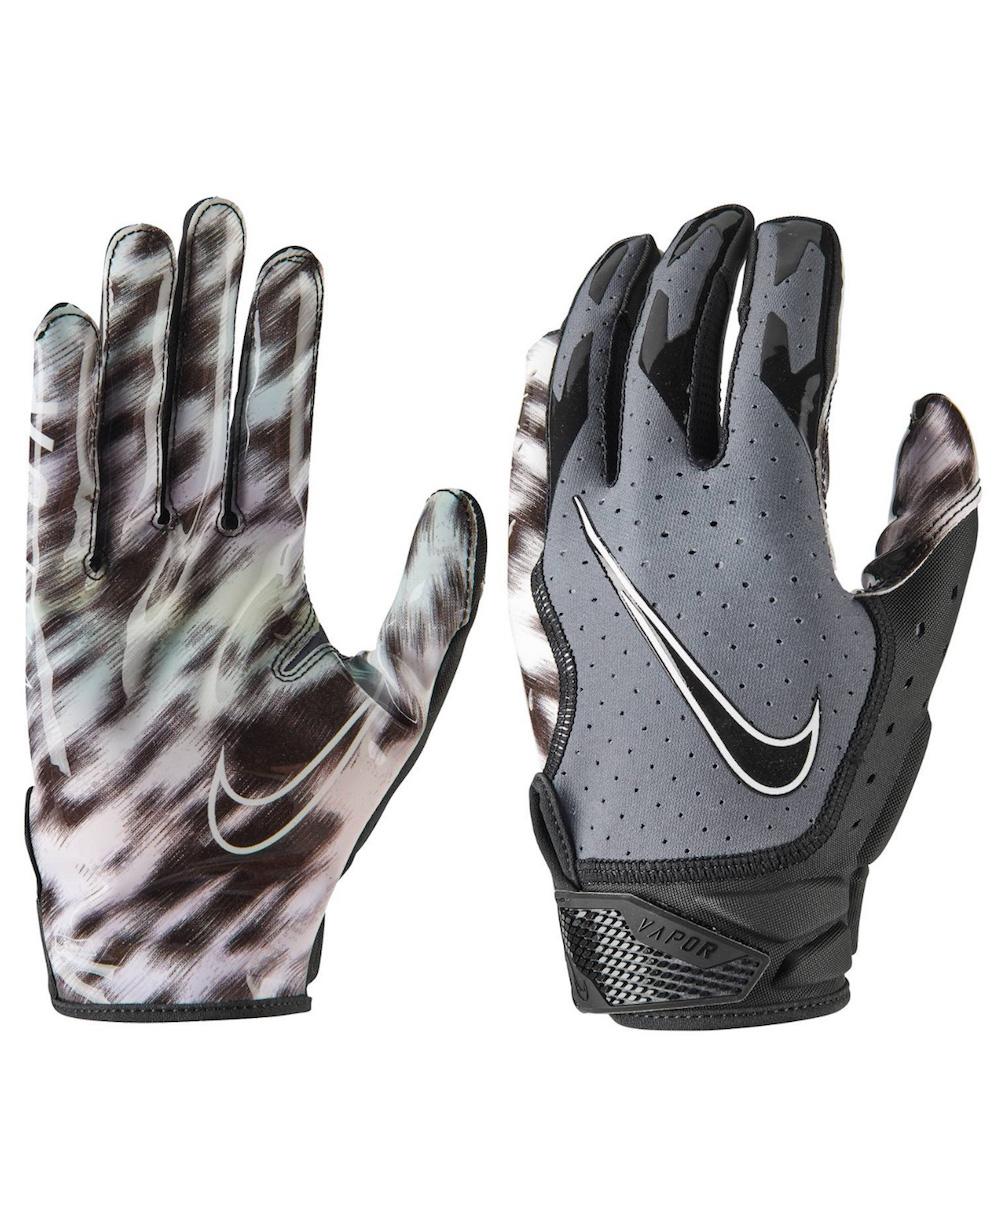 Vapor Jet 6 Men's Football Gloves Dark Grey